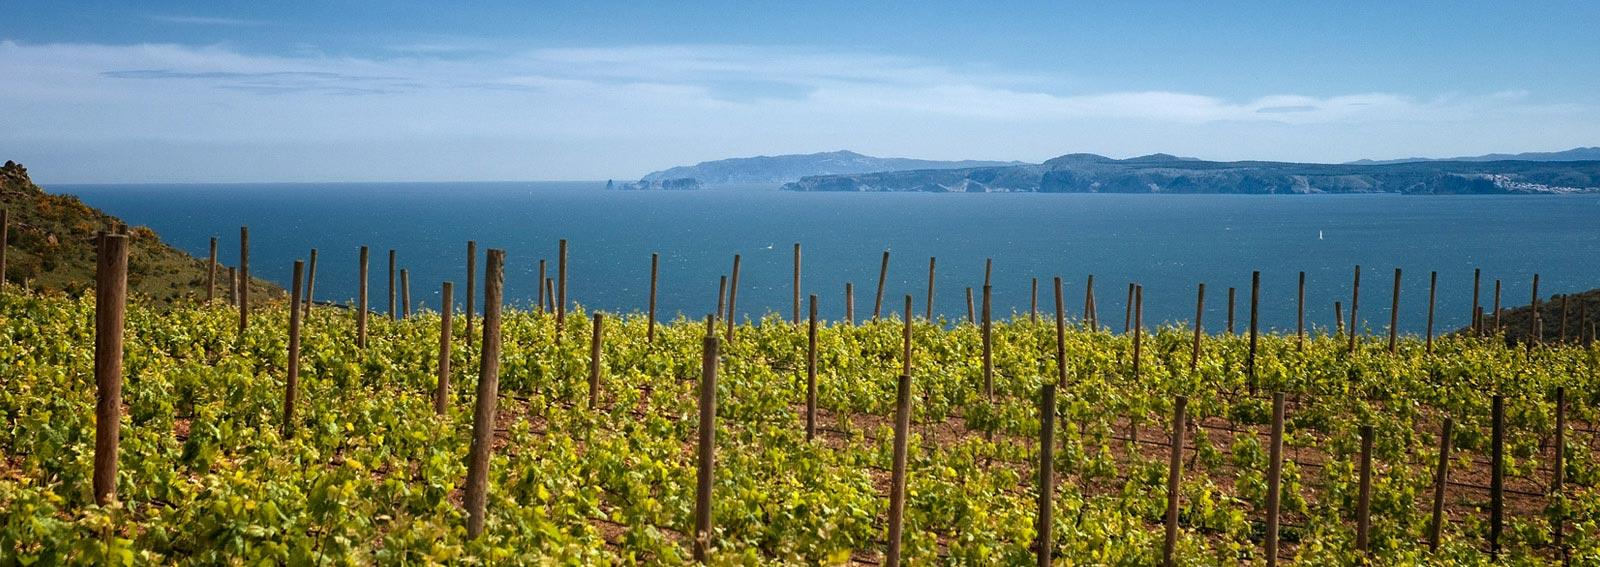 Uitzicht vanaf de wijngaard in Cap de Creus op de Middellandse Zee